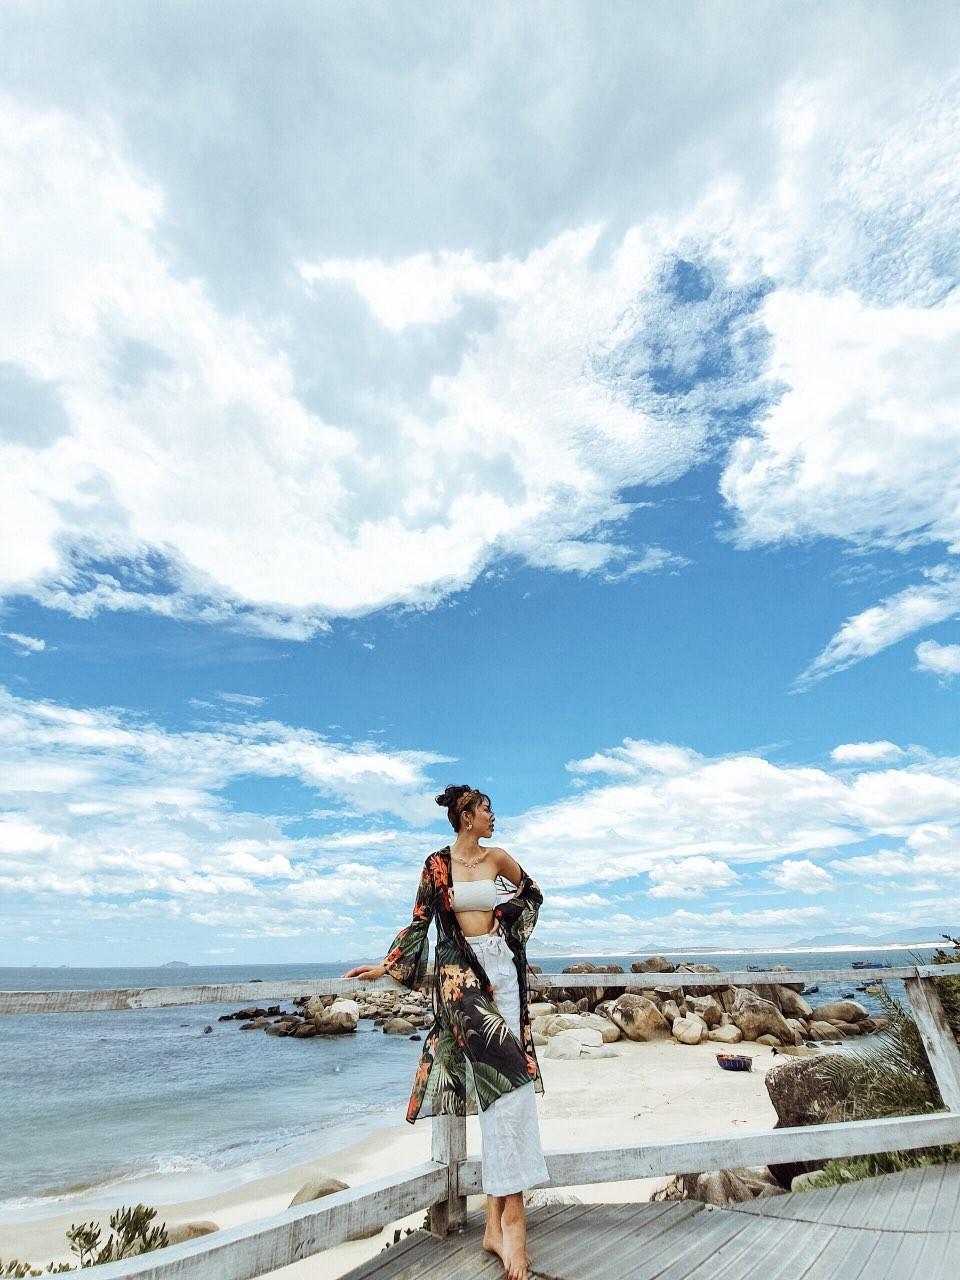 Lộ điểm check in sống ảo mới tại Quy Nhơn, nửa sang chảnh như Maldive, nửa xanh màu thiên đường nghỉ dưỡng Bali - Ảnh 7.